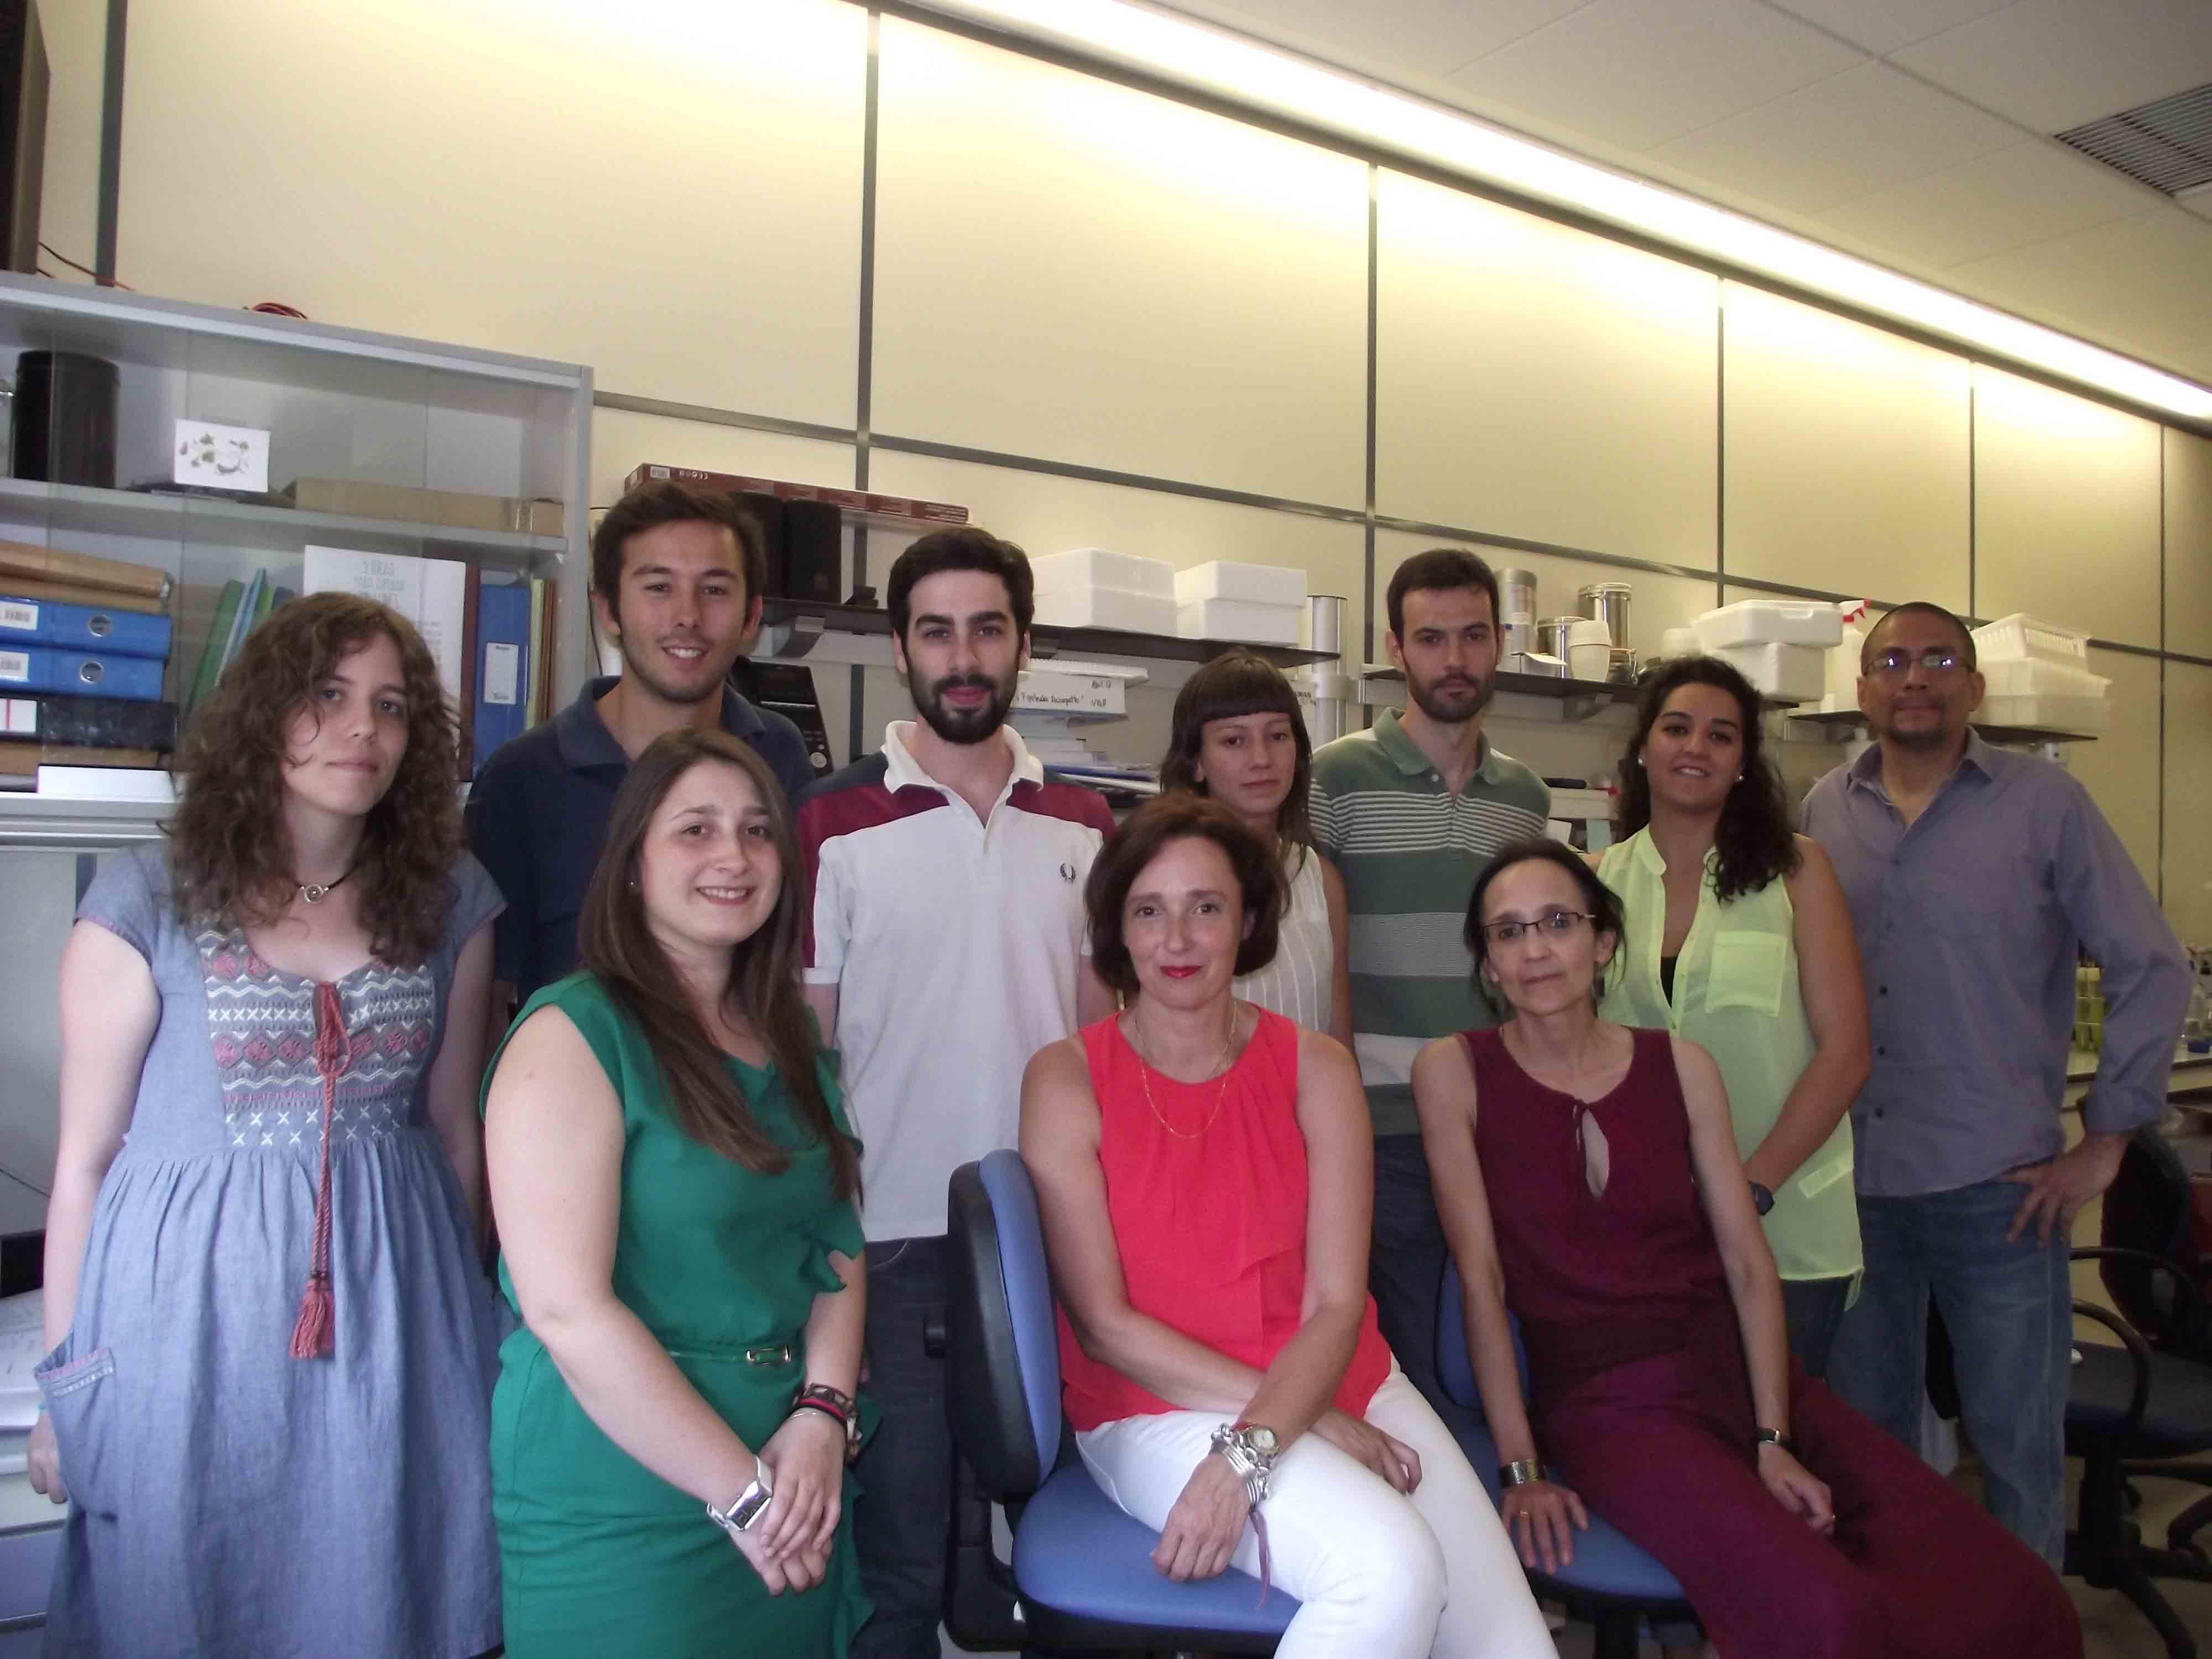 Grupo de Acuicultura e BIotecnoloxía Mariña da USC, coa profesora Ana Otero no centro.